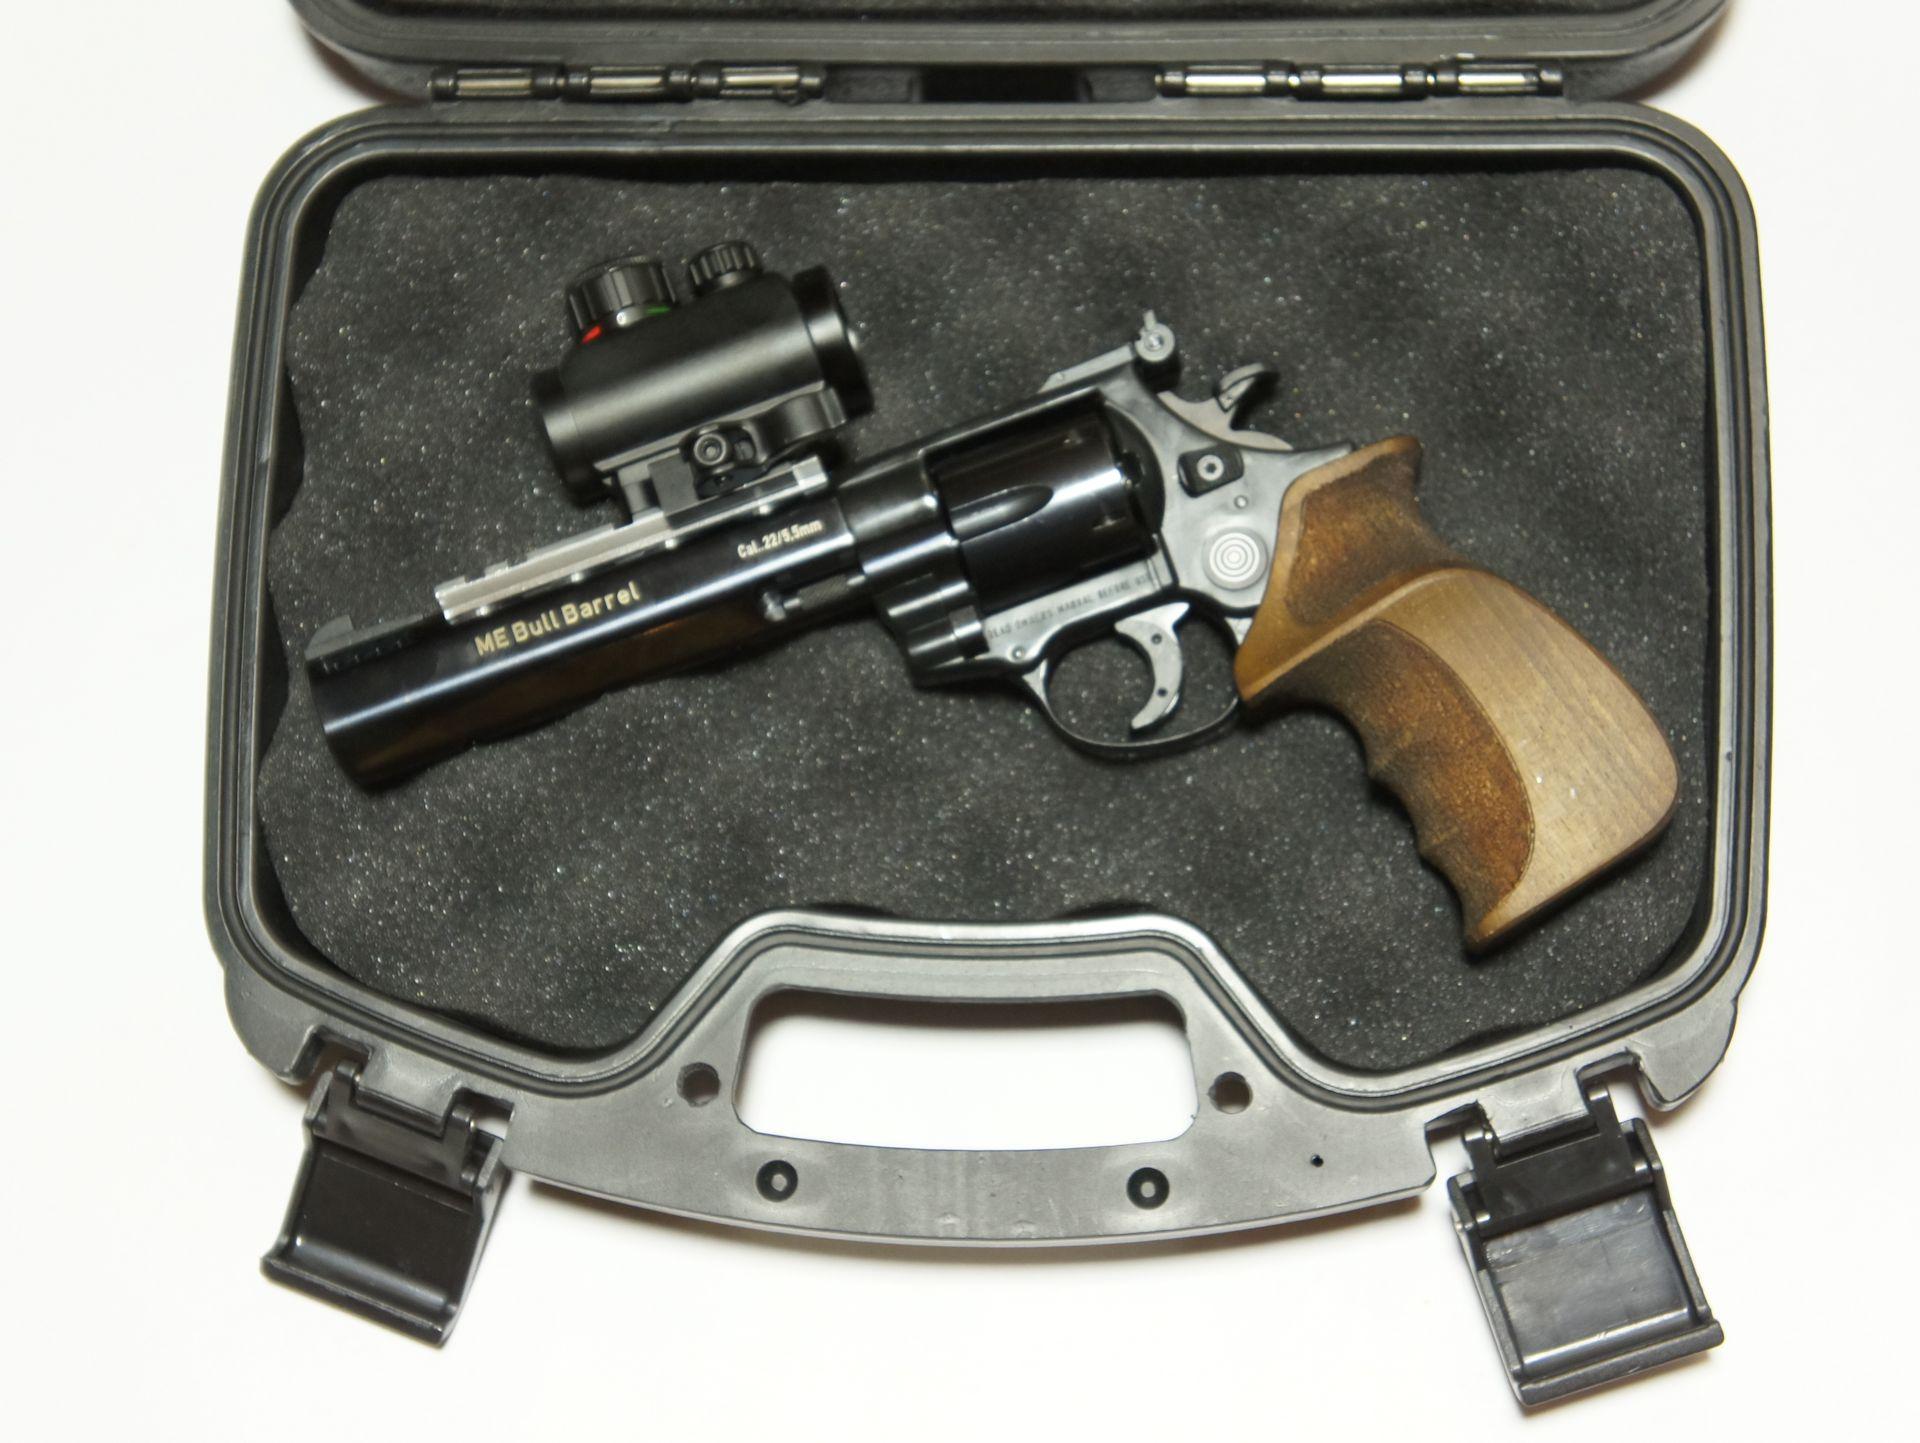 Kombinationsbeispiel mit LEP Revolver und Optik